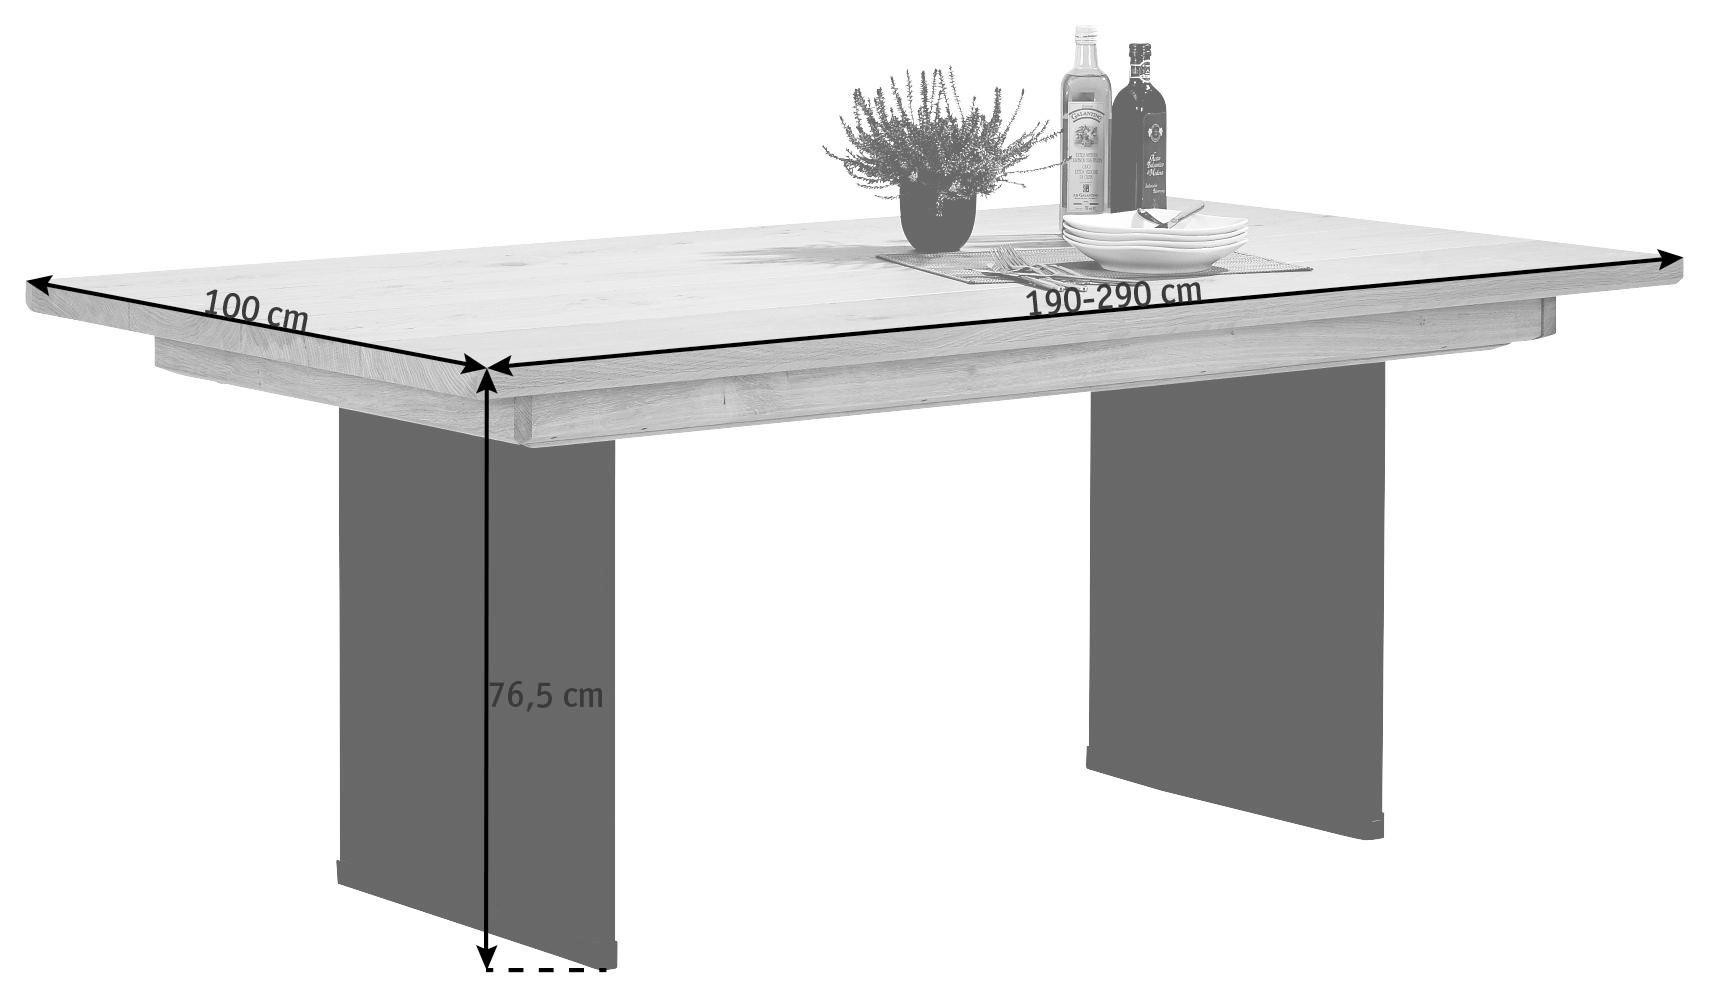 ESSTISCH Wildeiche massiv, mehrschichtige Massivholzplatte (Tischlerplatte) rechteckig Eichefarben - Eichefarben, Basics, Glas/Holz (190(290)/100/76,5cm) - VOGLAUER